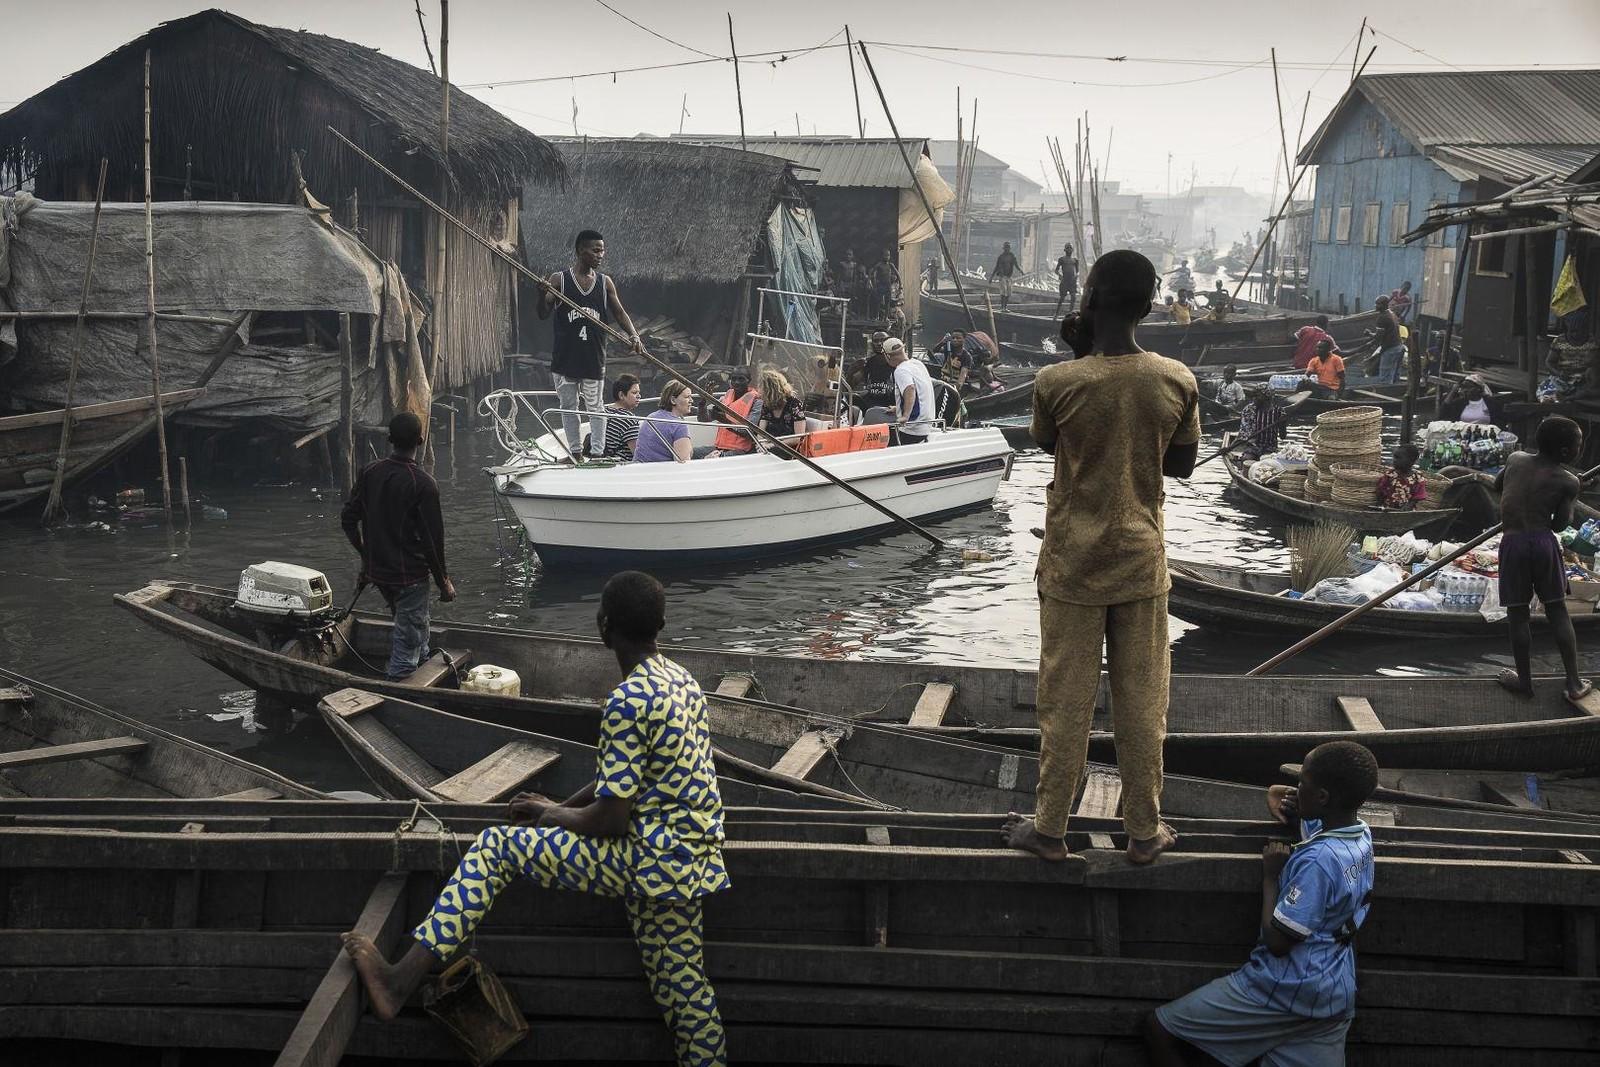 Lagos Waterfronts under Threat